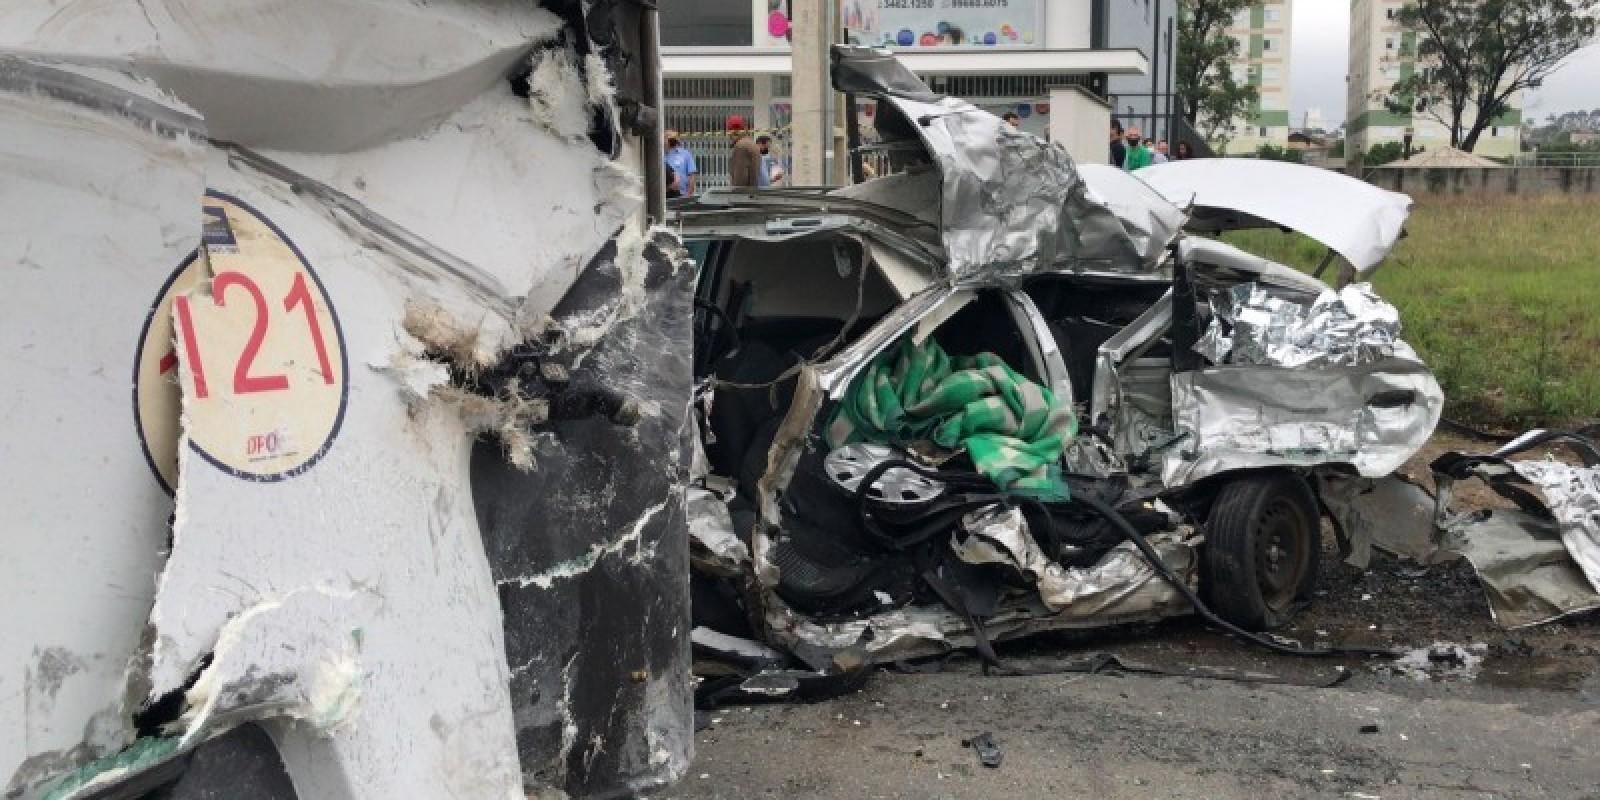 Identificado motorista que morreu em grave acidente no bairro Próspera